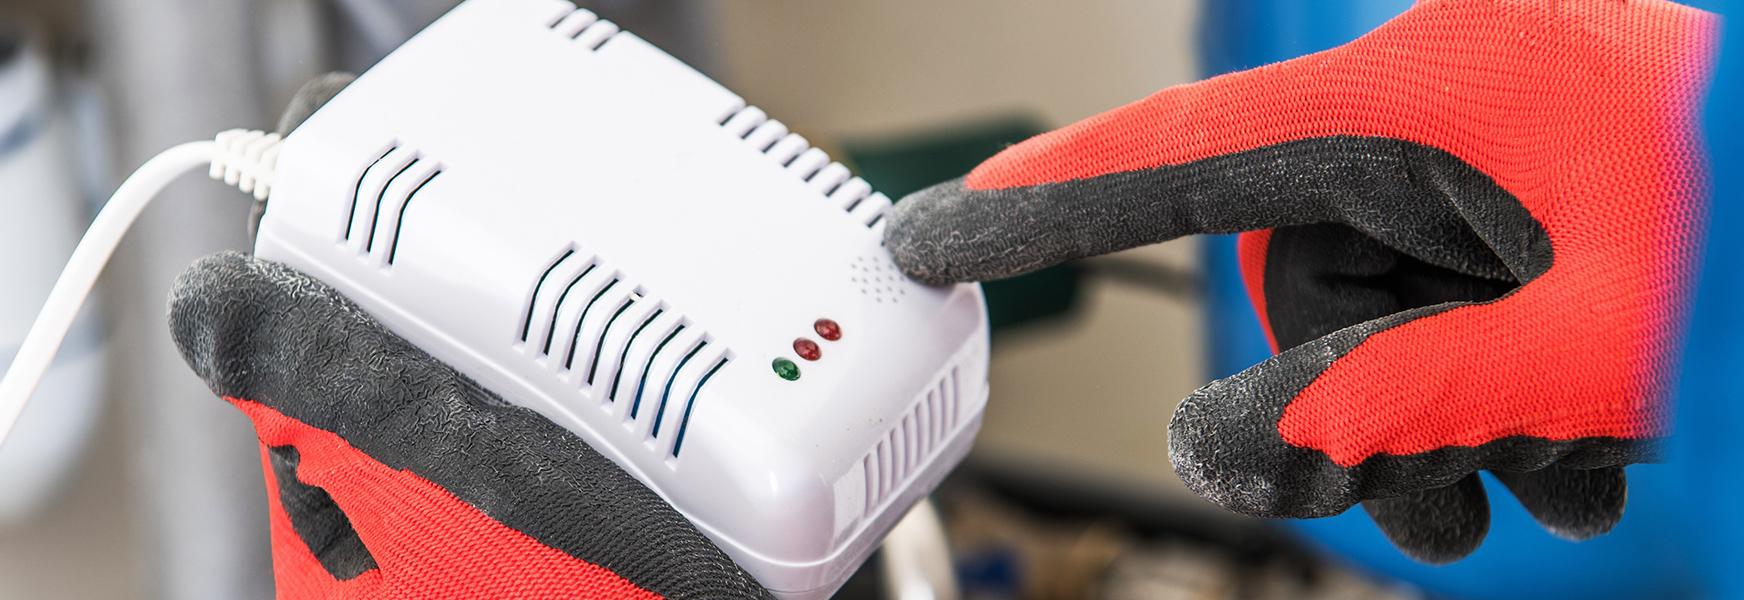 Technician Installing Carbon Monoxide Detector